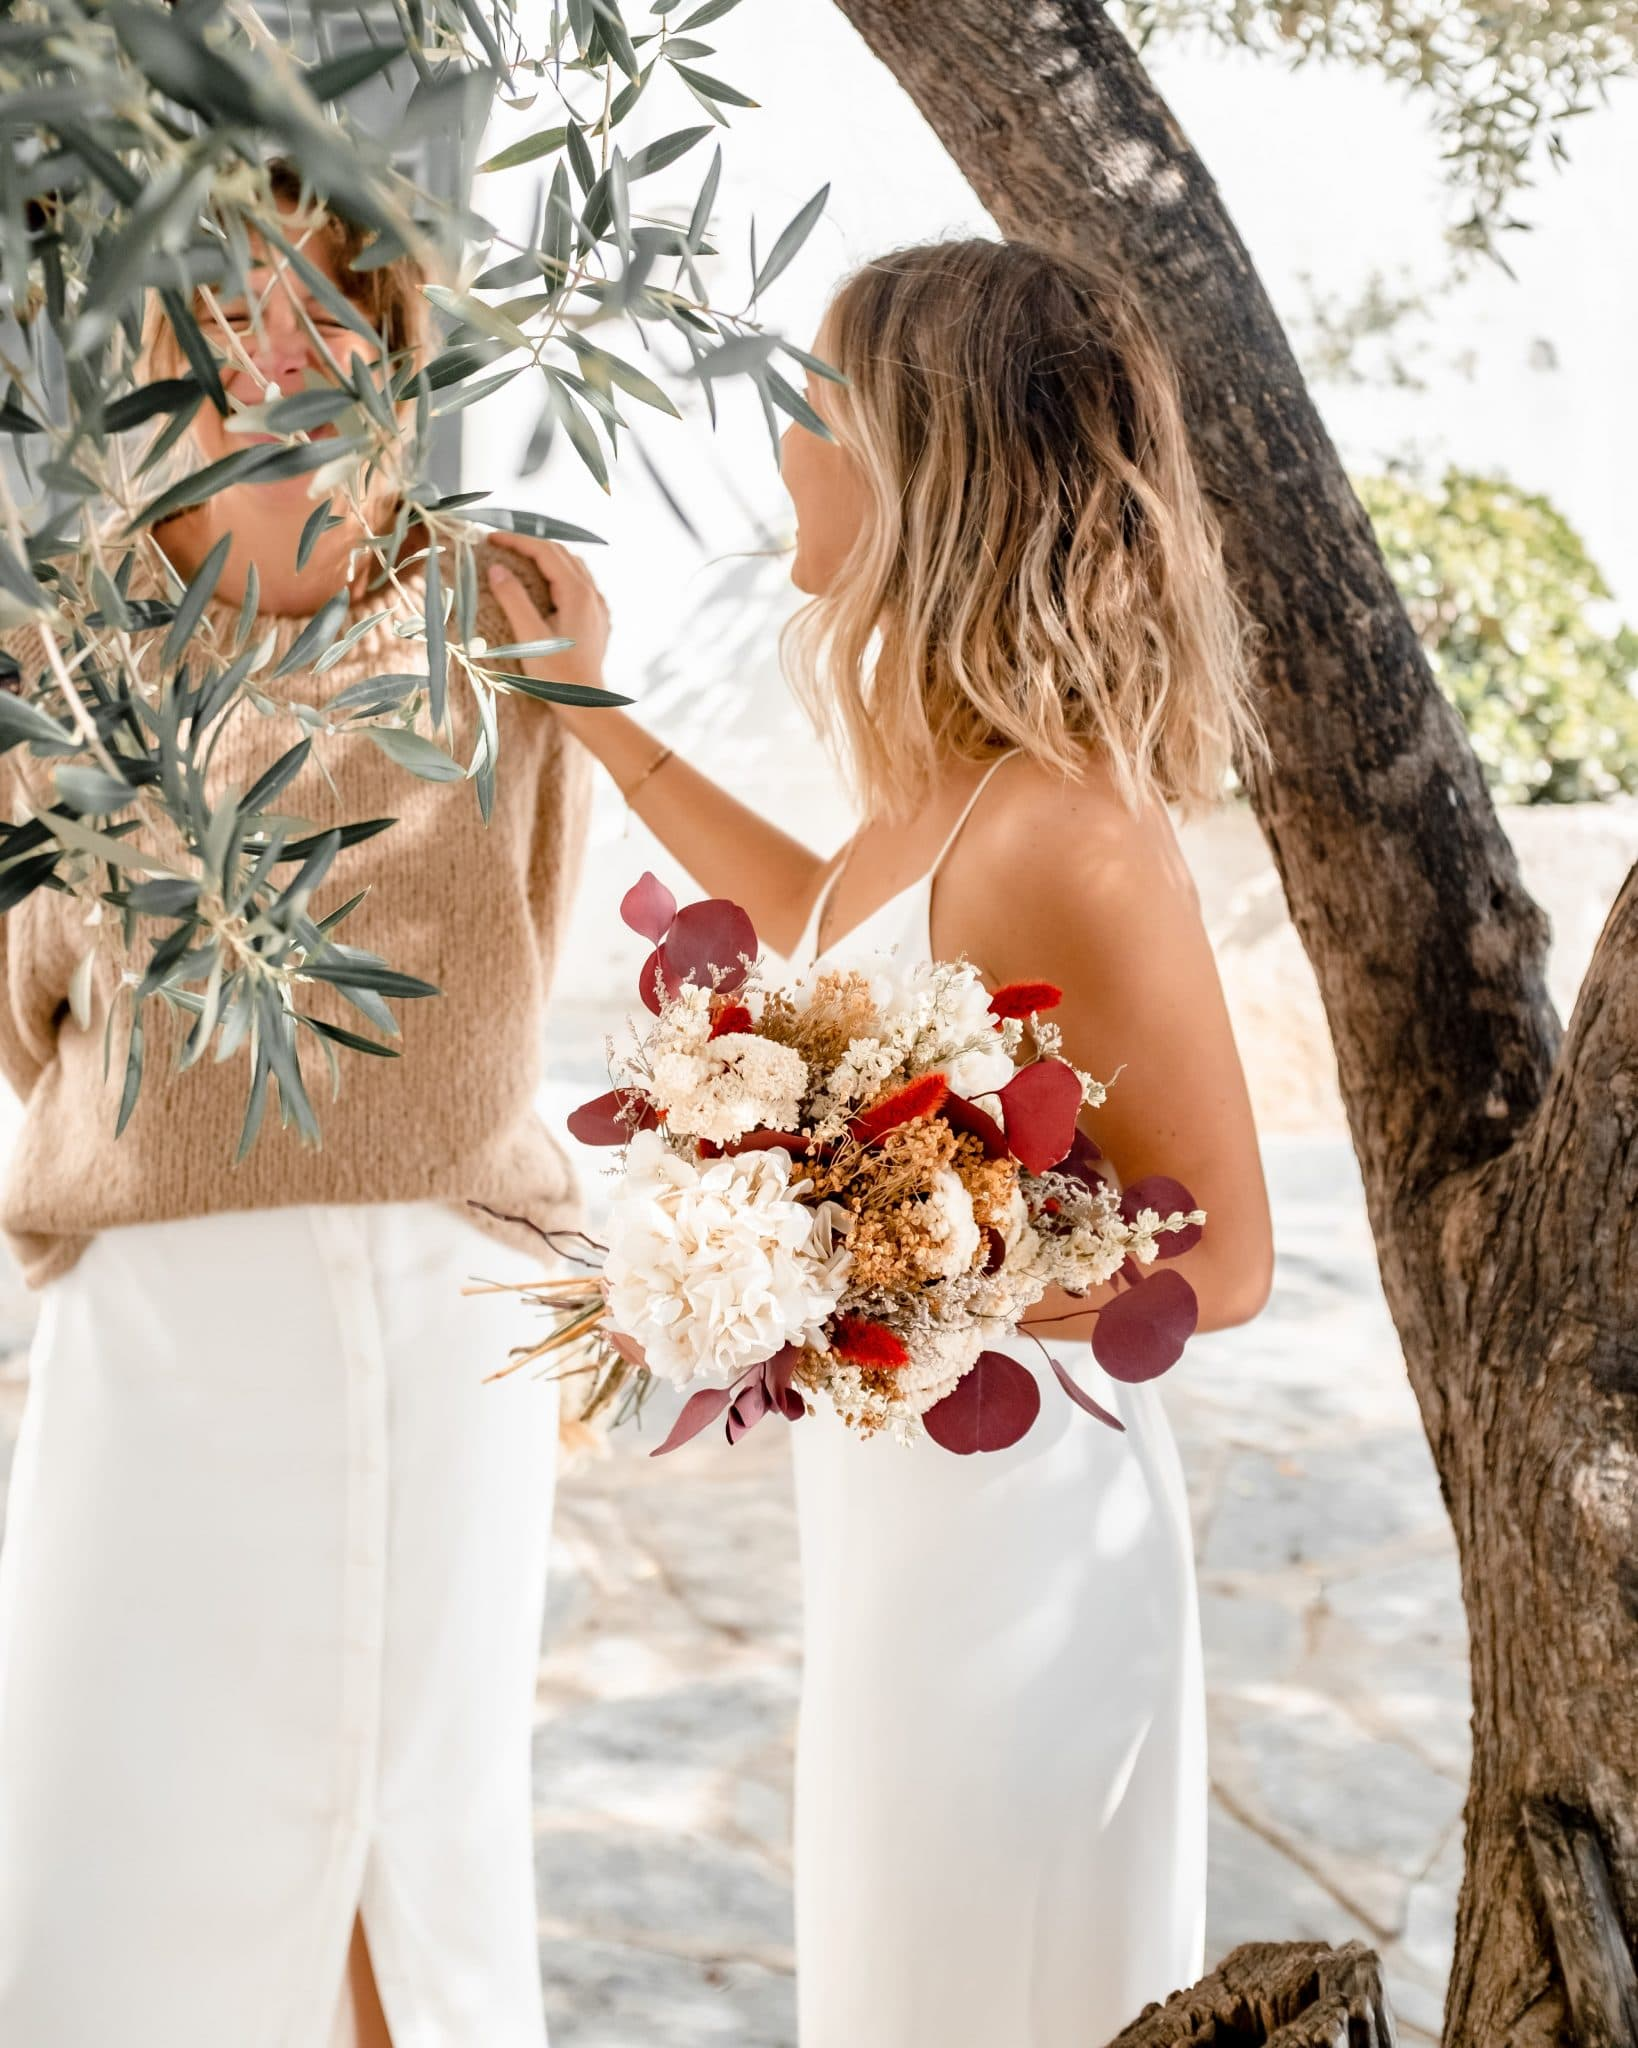 Jeune fille avec bouquet de mariée en fleurs séchées, dans les tons orangés et blancs